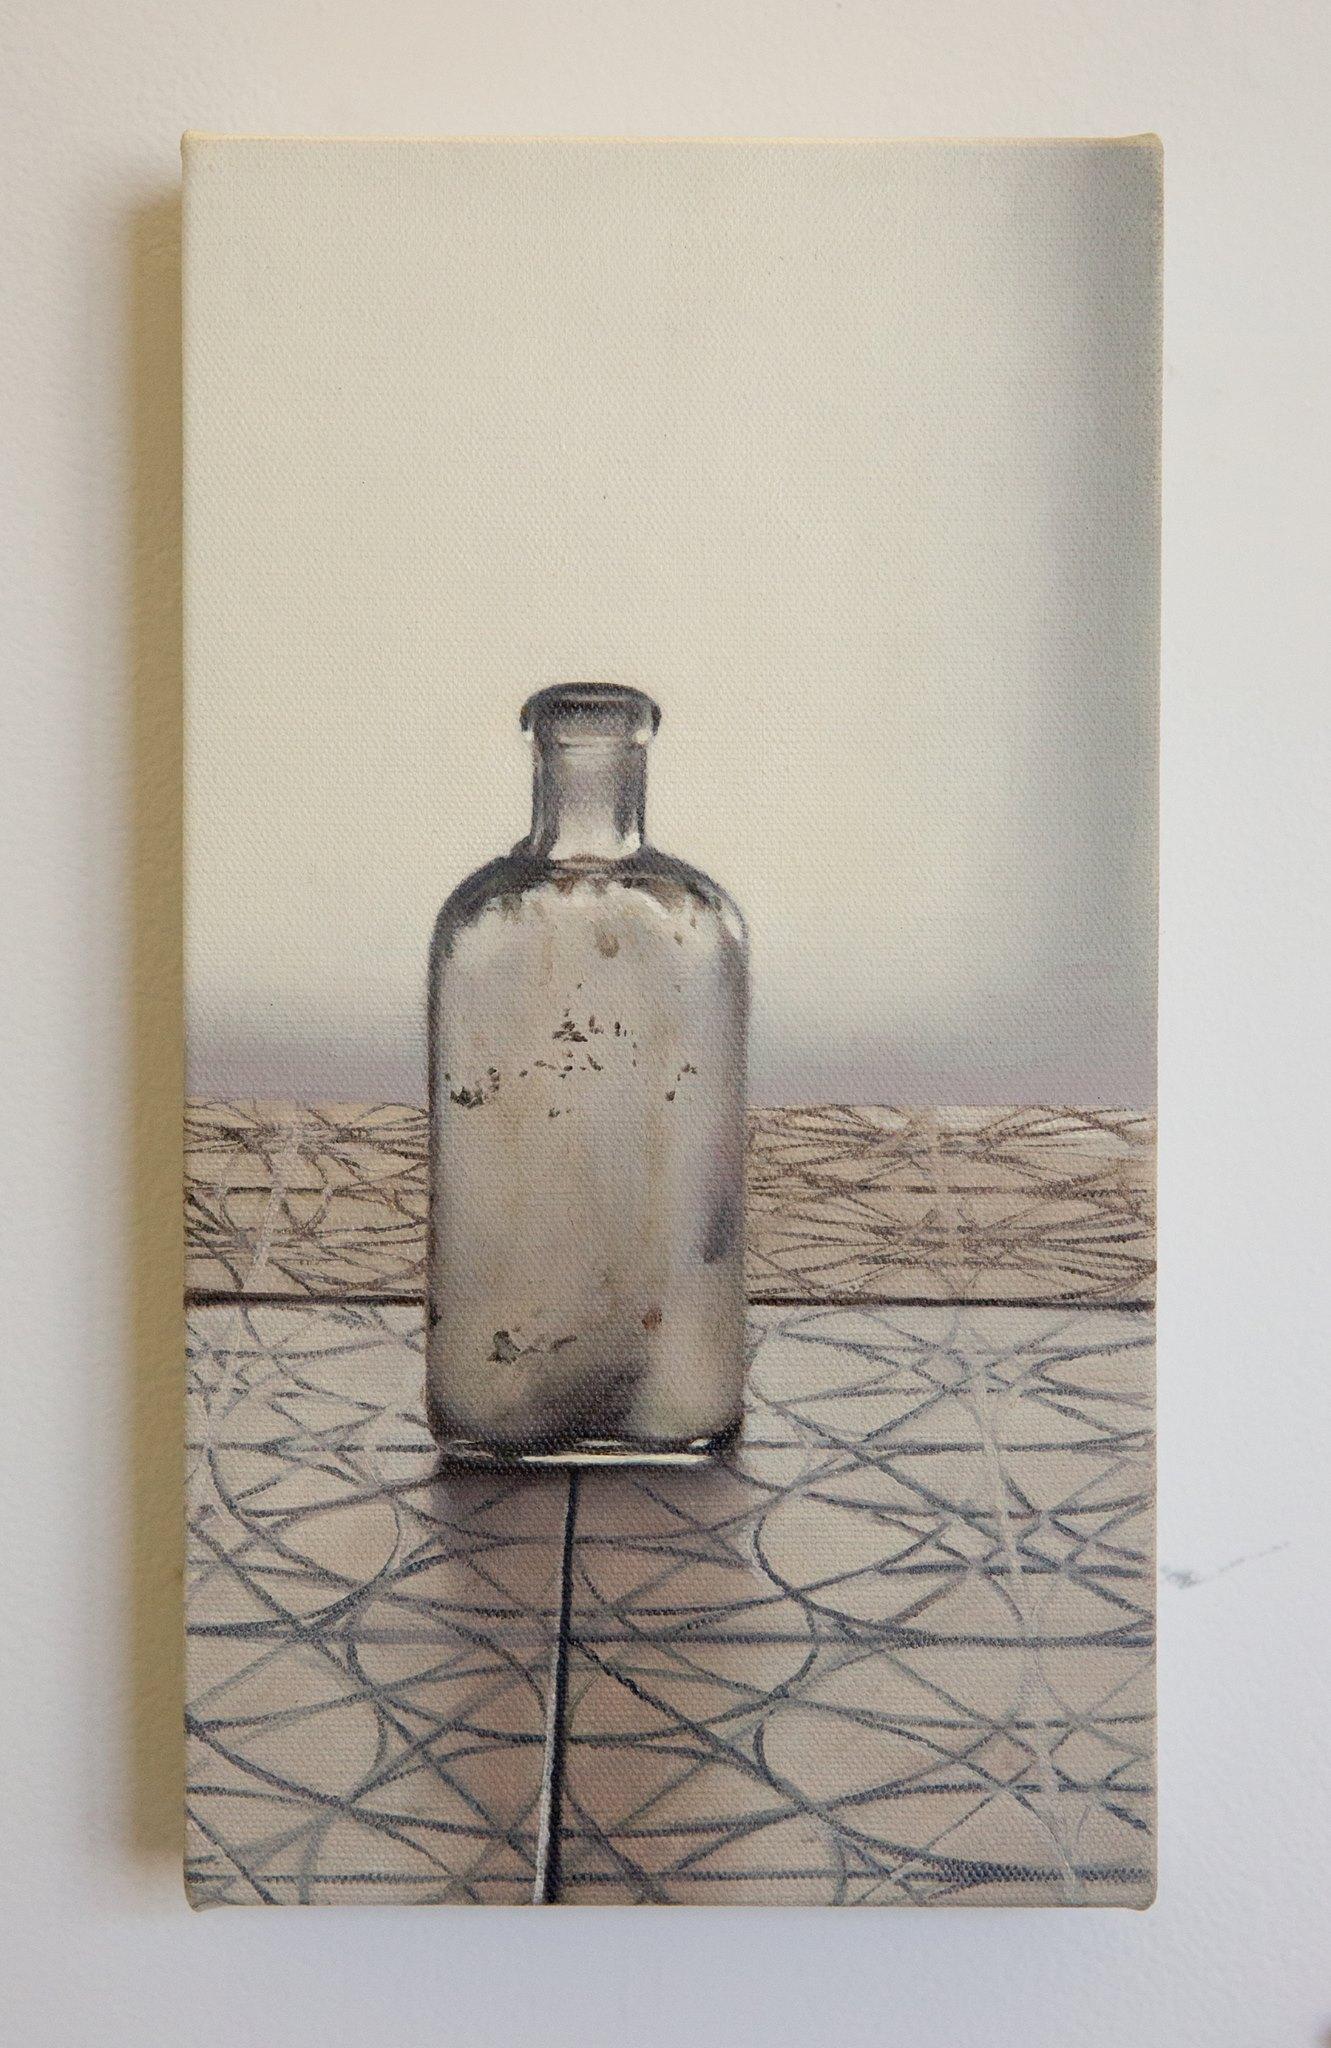 """Brooke Monte - """"Glass bottle on patterned tile"""" Insta: @brookemonteart  For Sale: $250"""